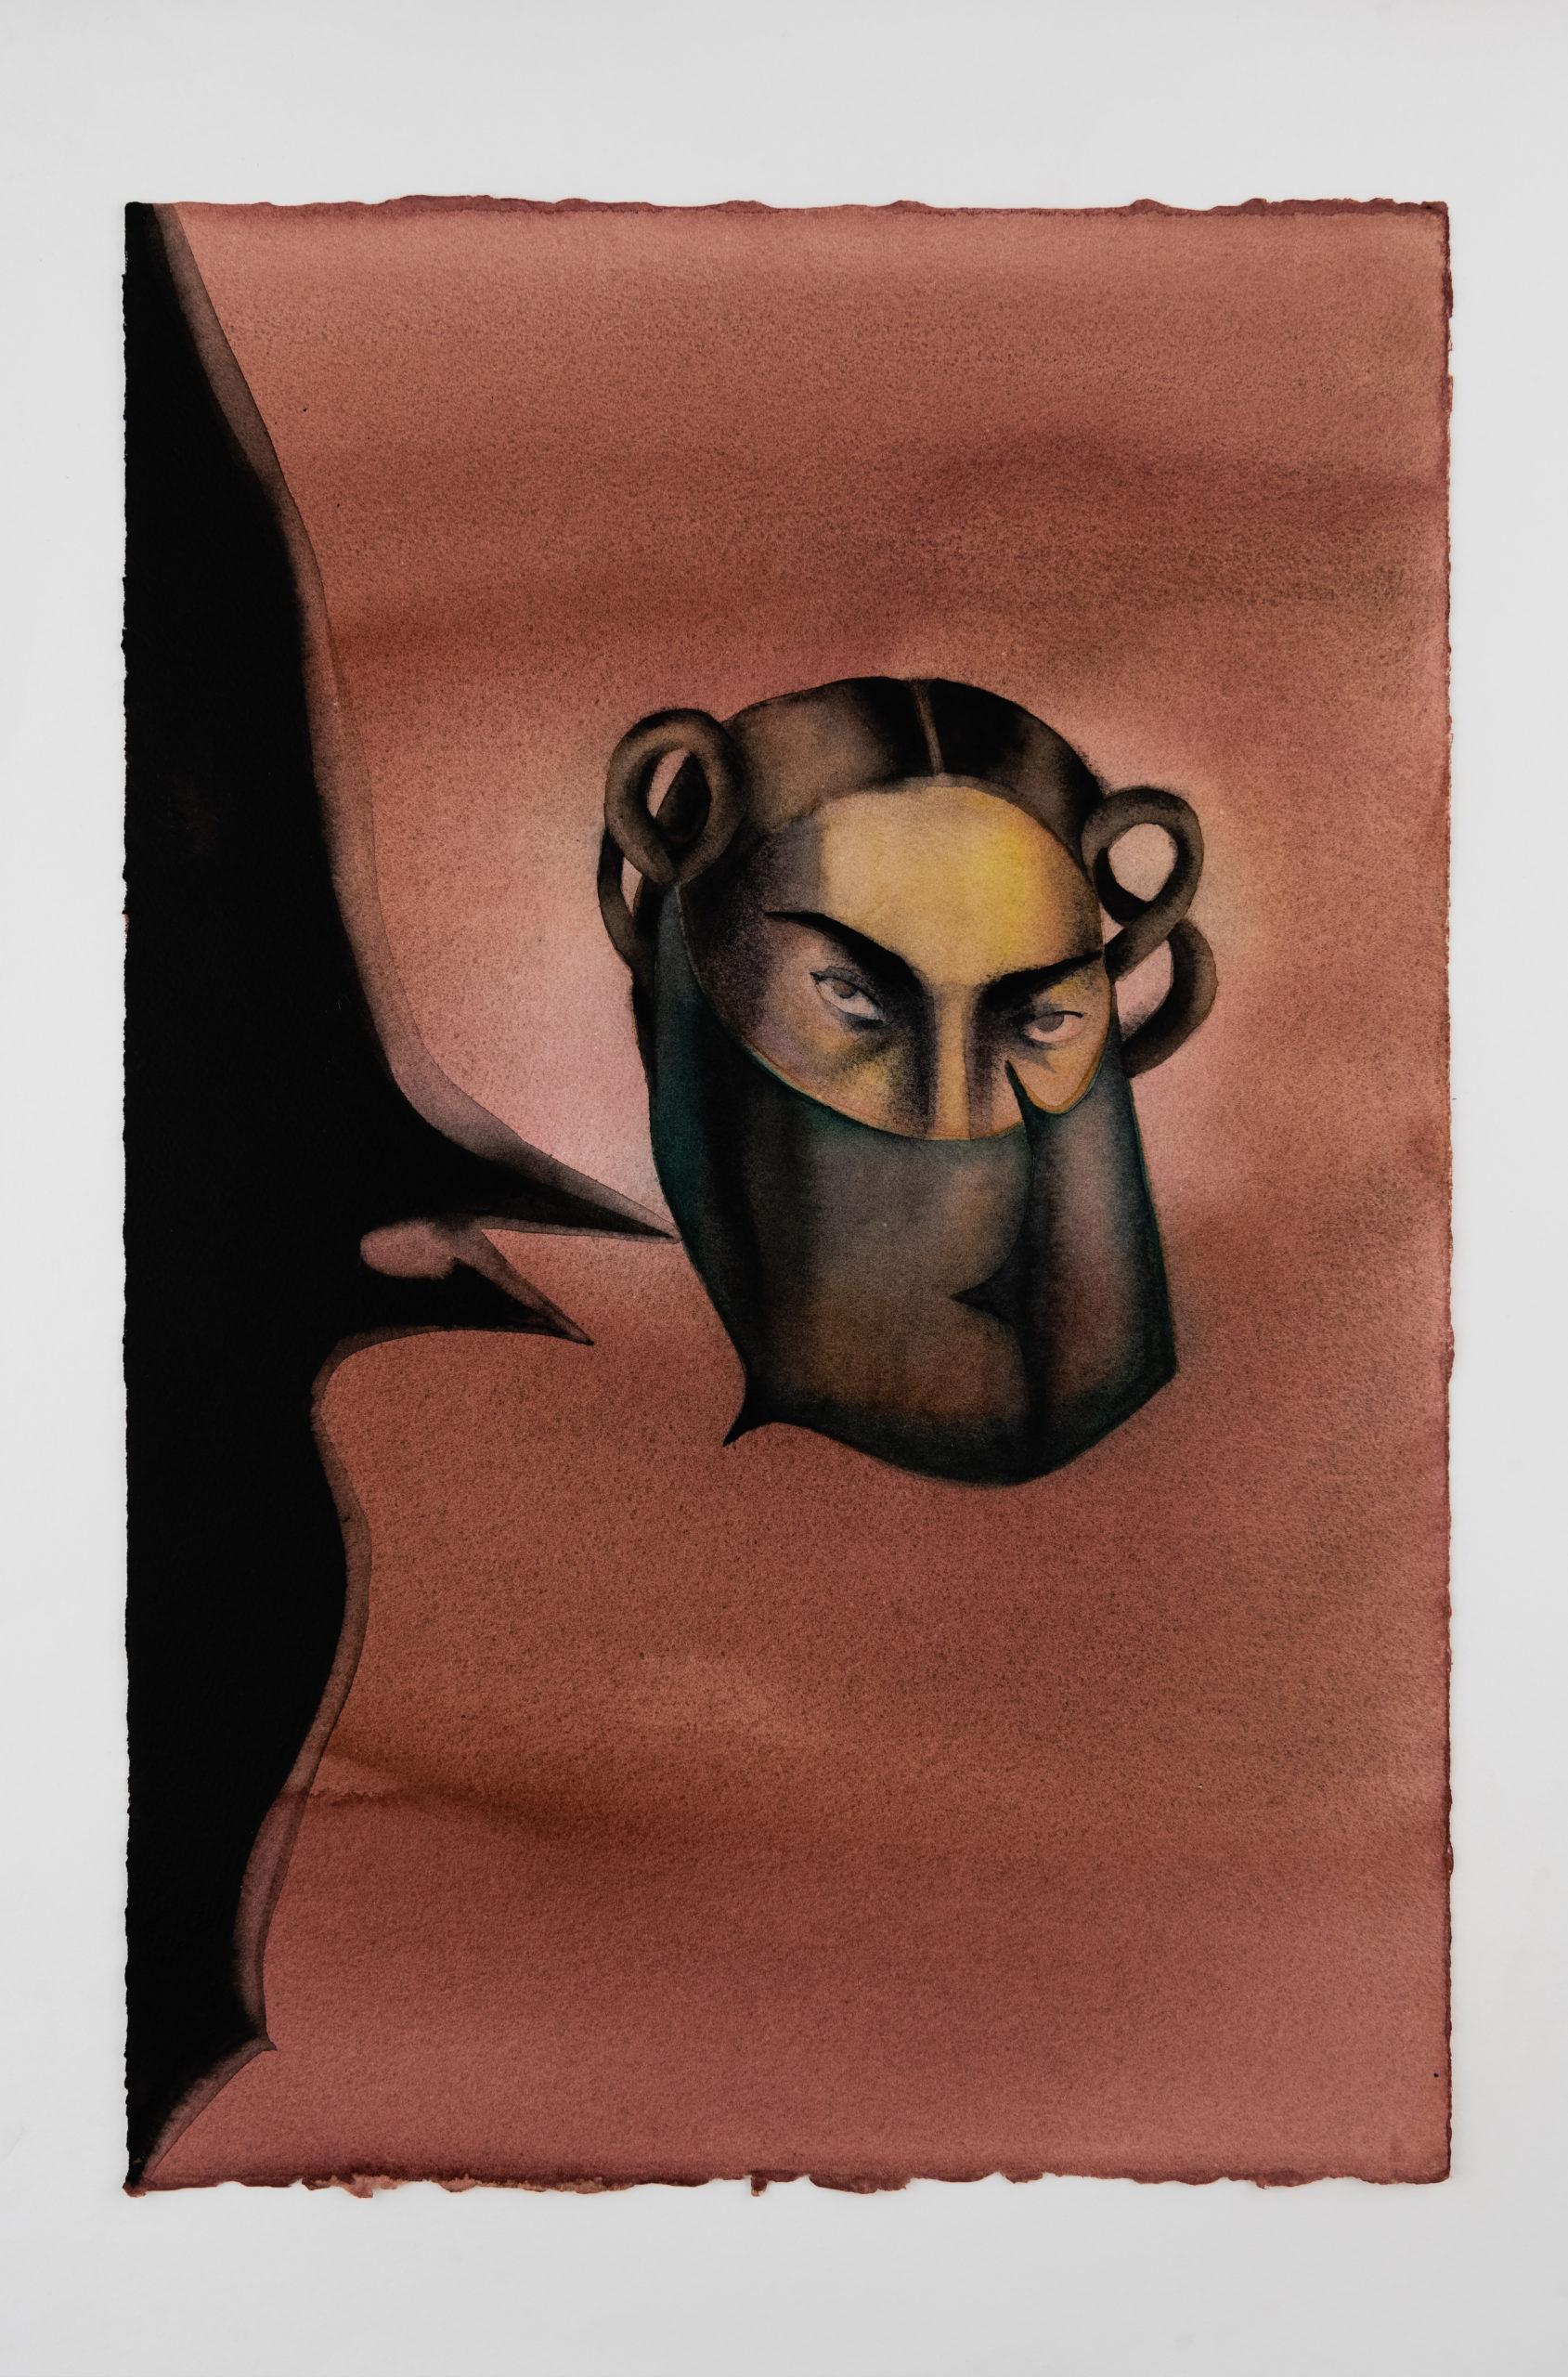 Anju Dodiya Masking/Tusks2020 Oeuvre sur papierAquarelle, fusain et pastel sur papier / Watercolor, charcoal and soft Pastel on paper 57 x 38 cm—22 ½ x 15in. unframed 72 x 53 cm – 28 3/8 x 20 7/8 in. framed, courtesy galerie Templon Paris-Bruxelles